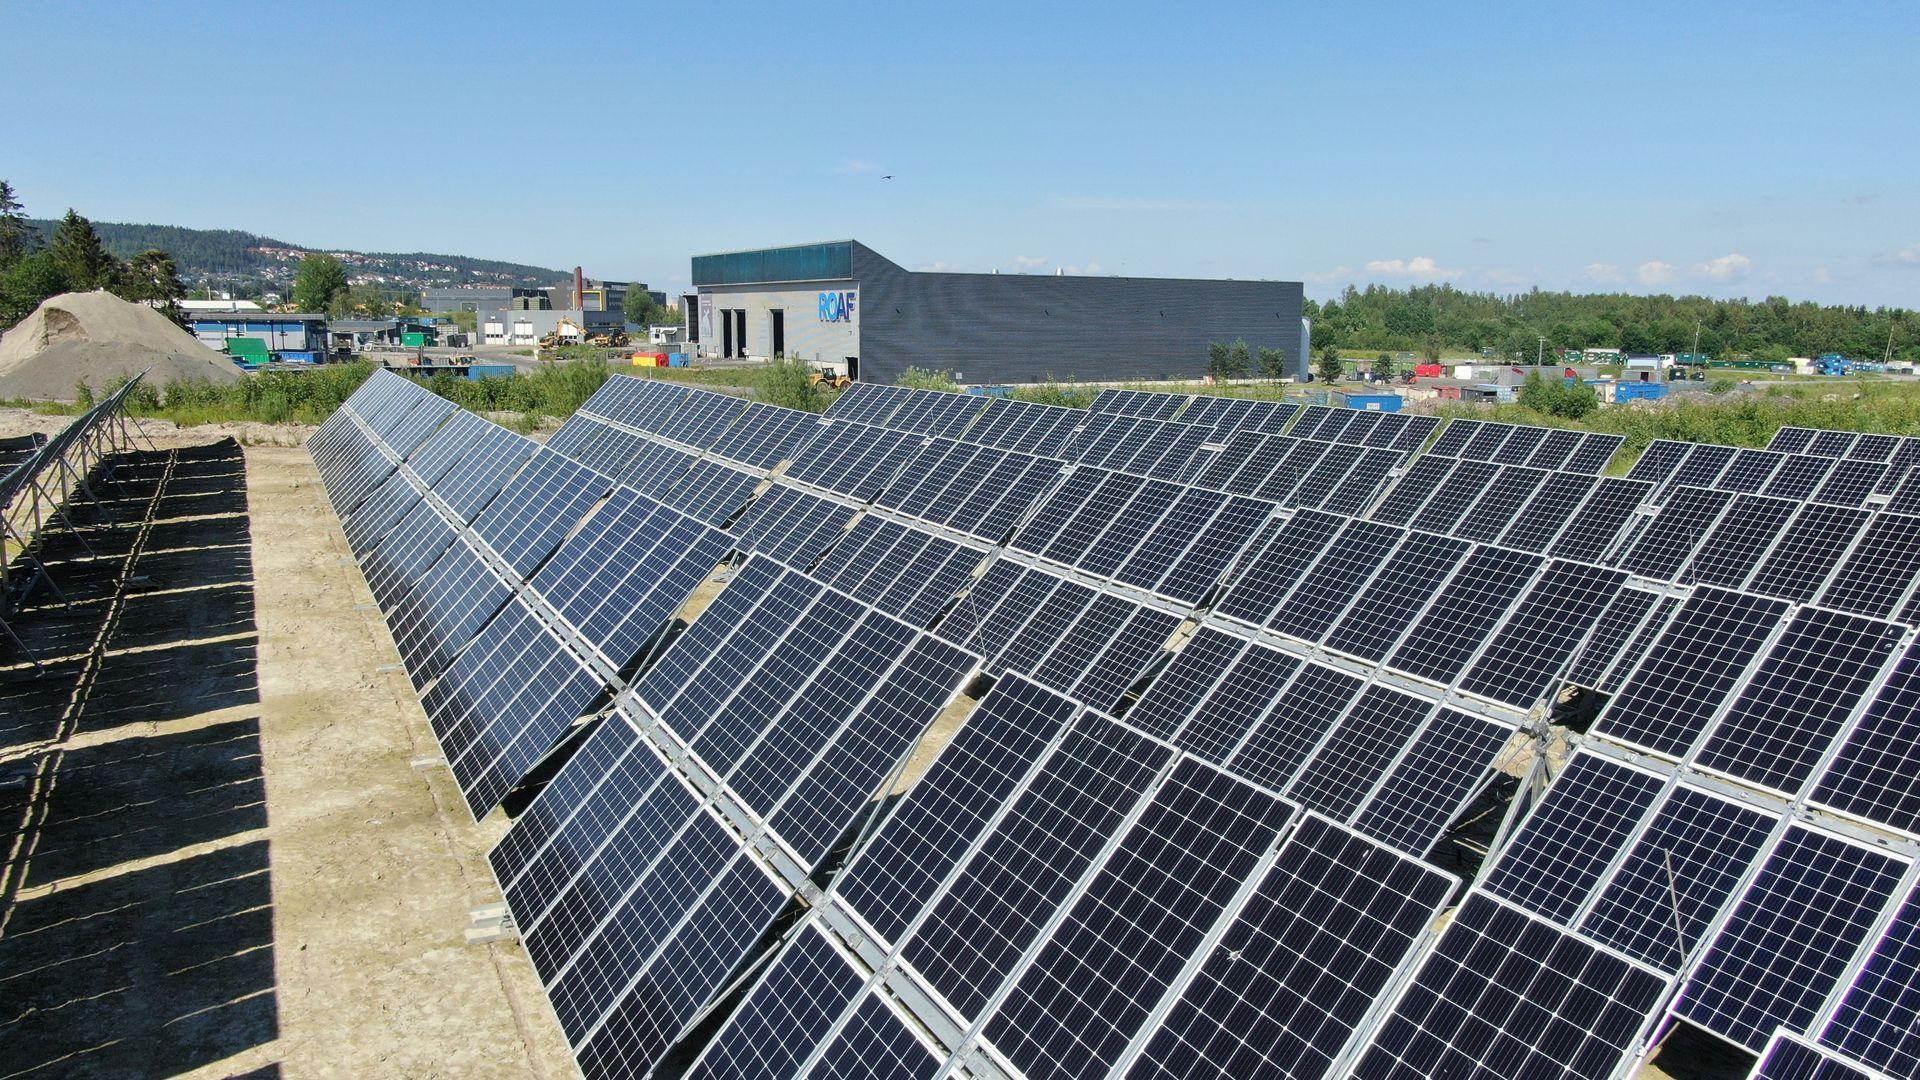 Snart åpner Norges første solcellepark med trackere og bi-facialpaneler ved ROAFs miljøpark på Berger ved Skedsmokorset.